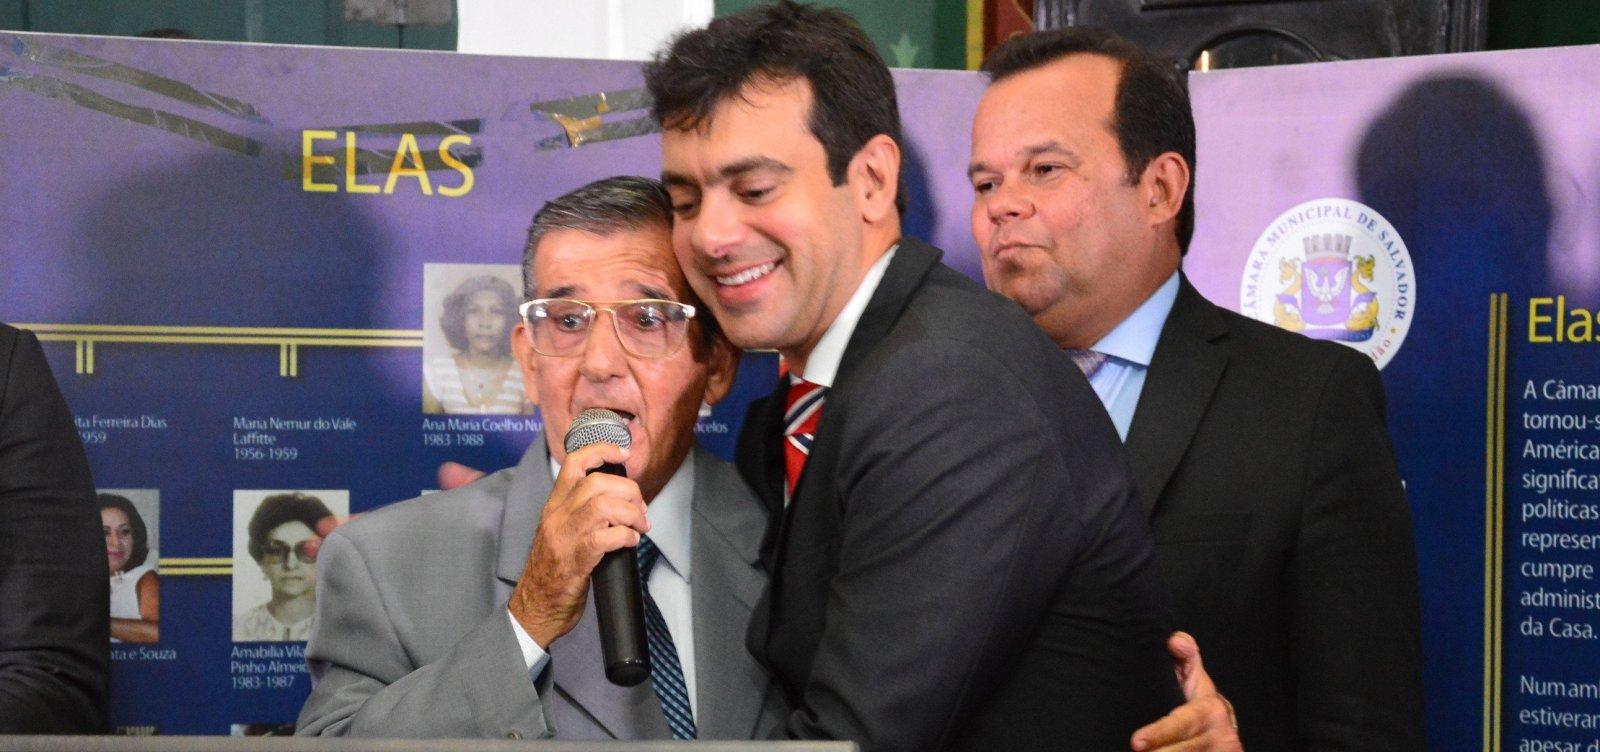 Filho de vereador ganha cargo na prefeitura de Salvador